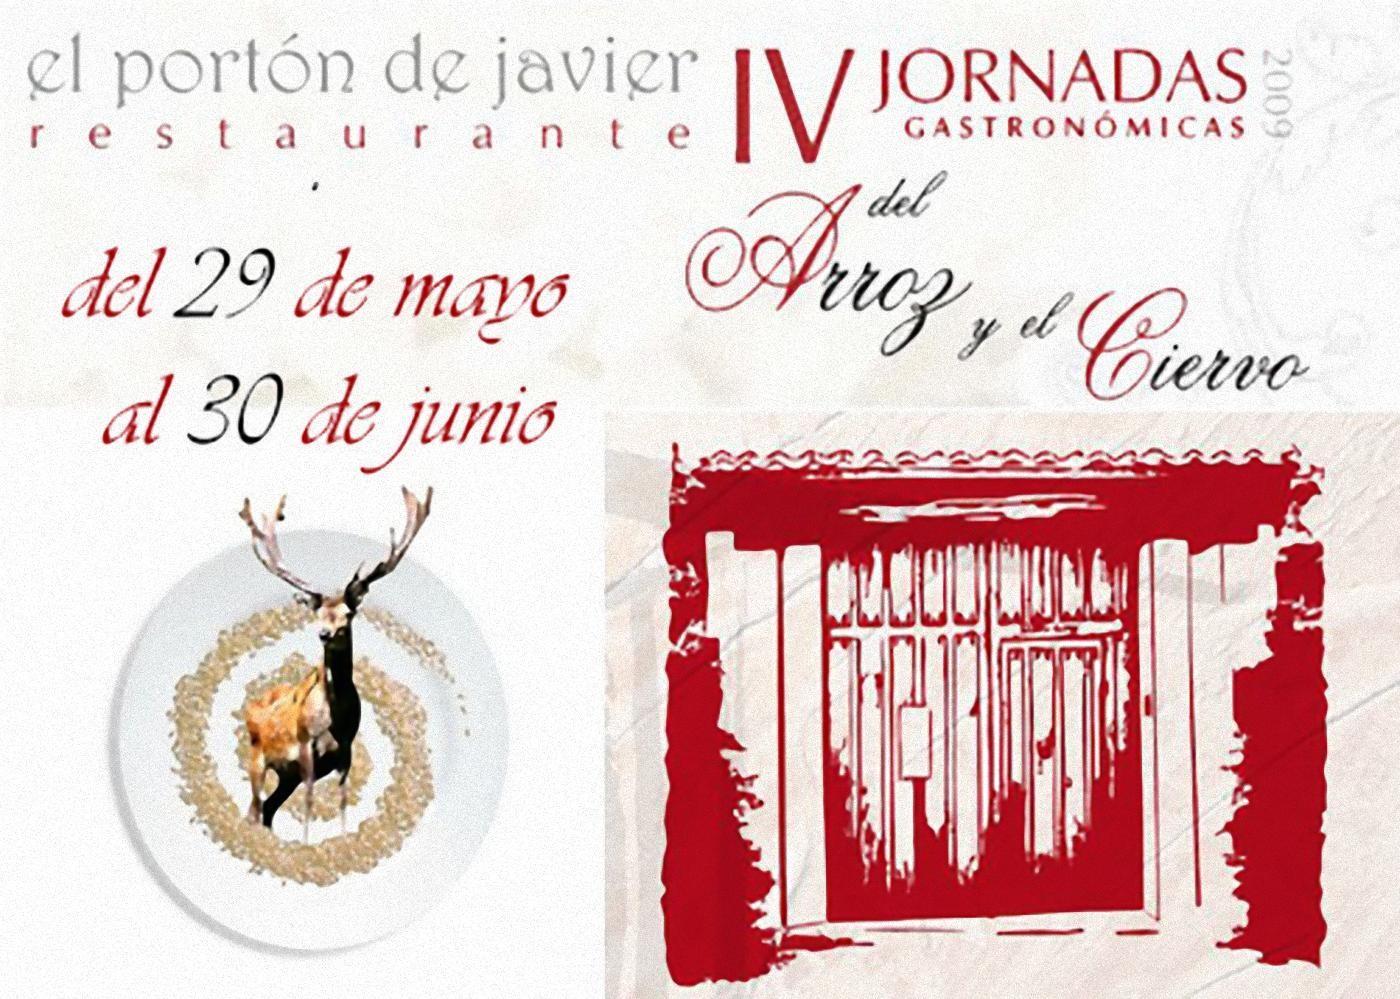 Cartel de las IV Jornadas Gastronómicas del Arroz y el Ciervo